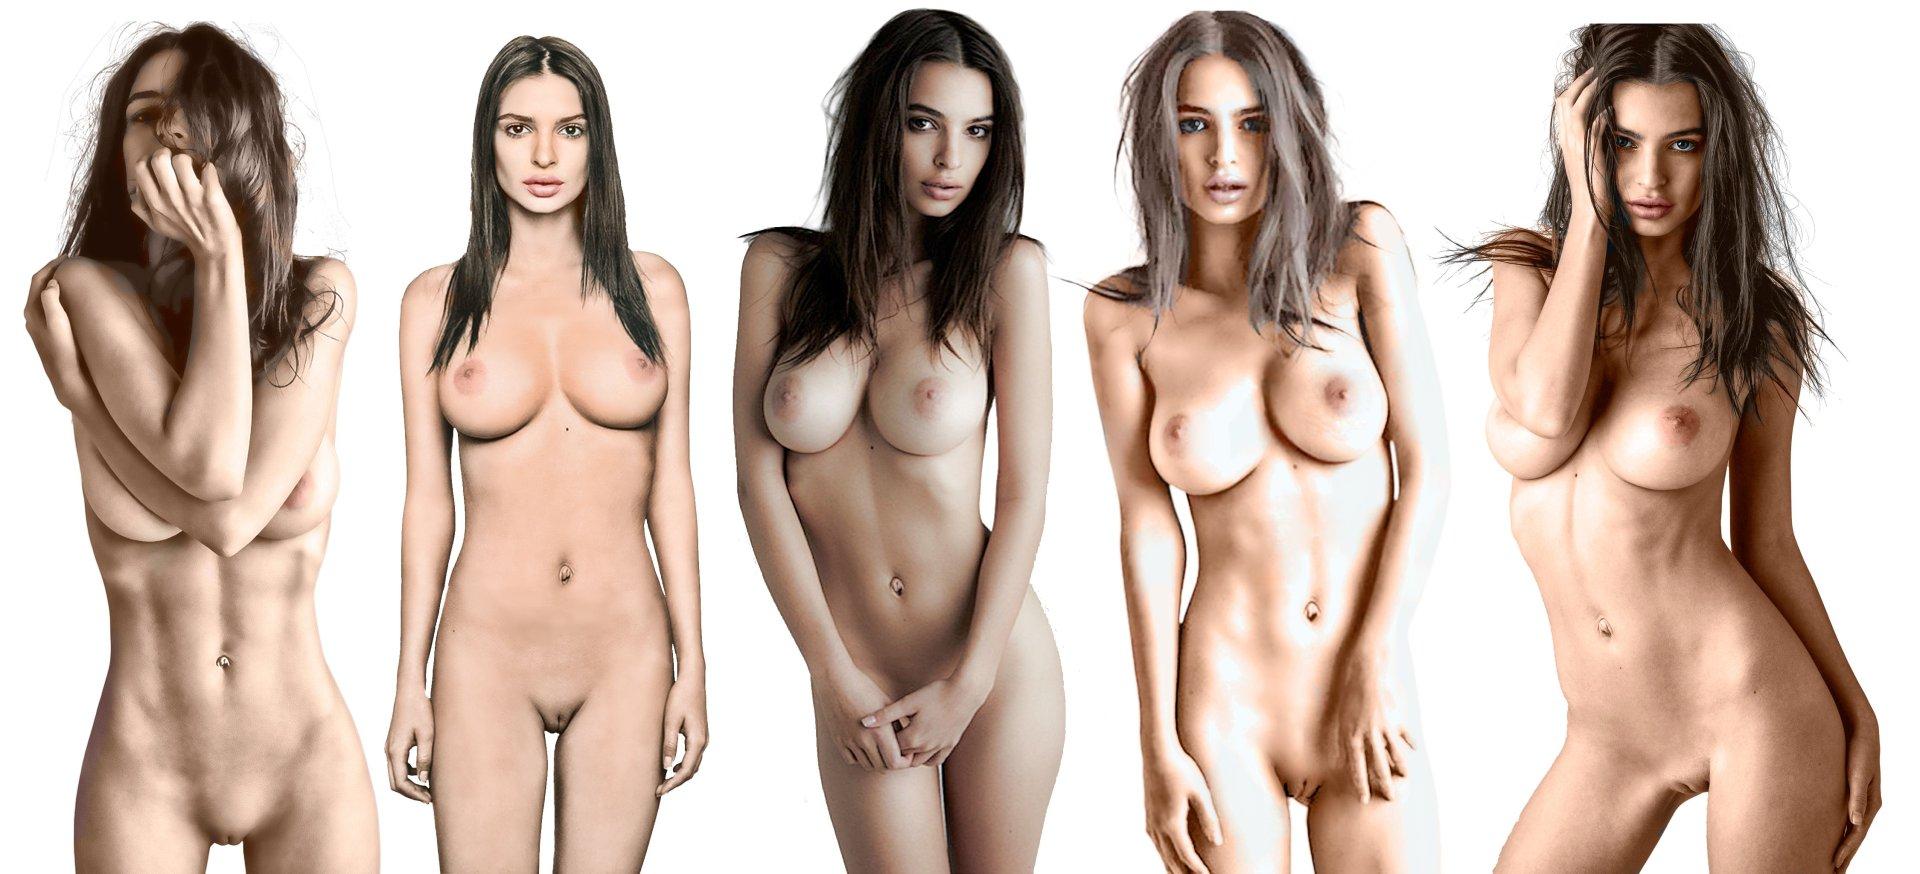 Emily ratajkowski new nudes